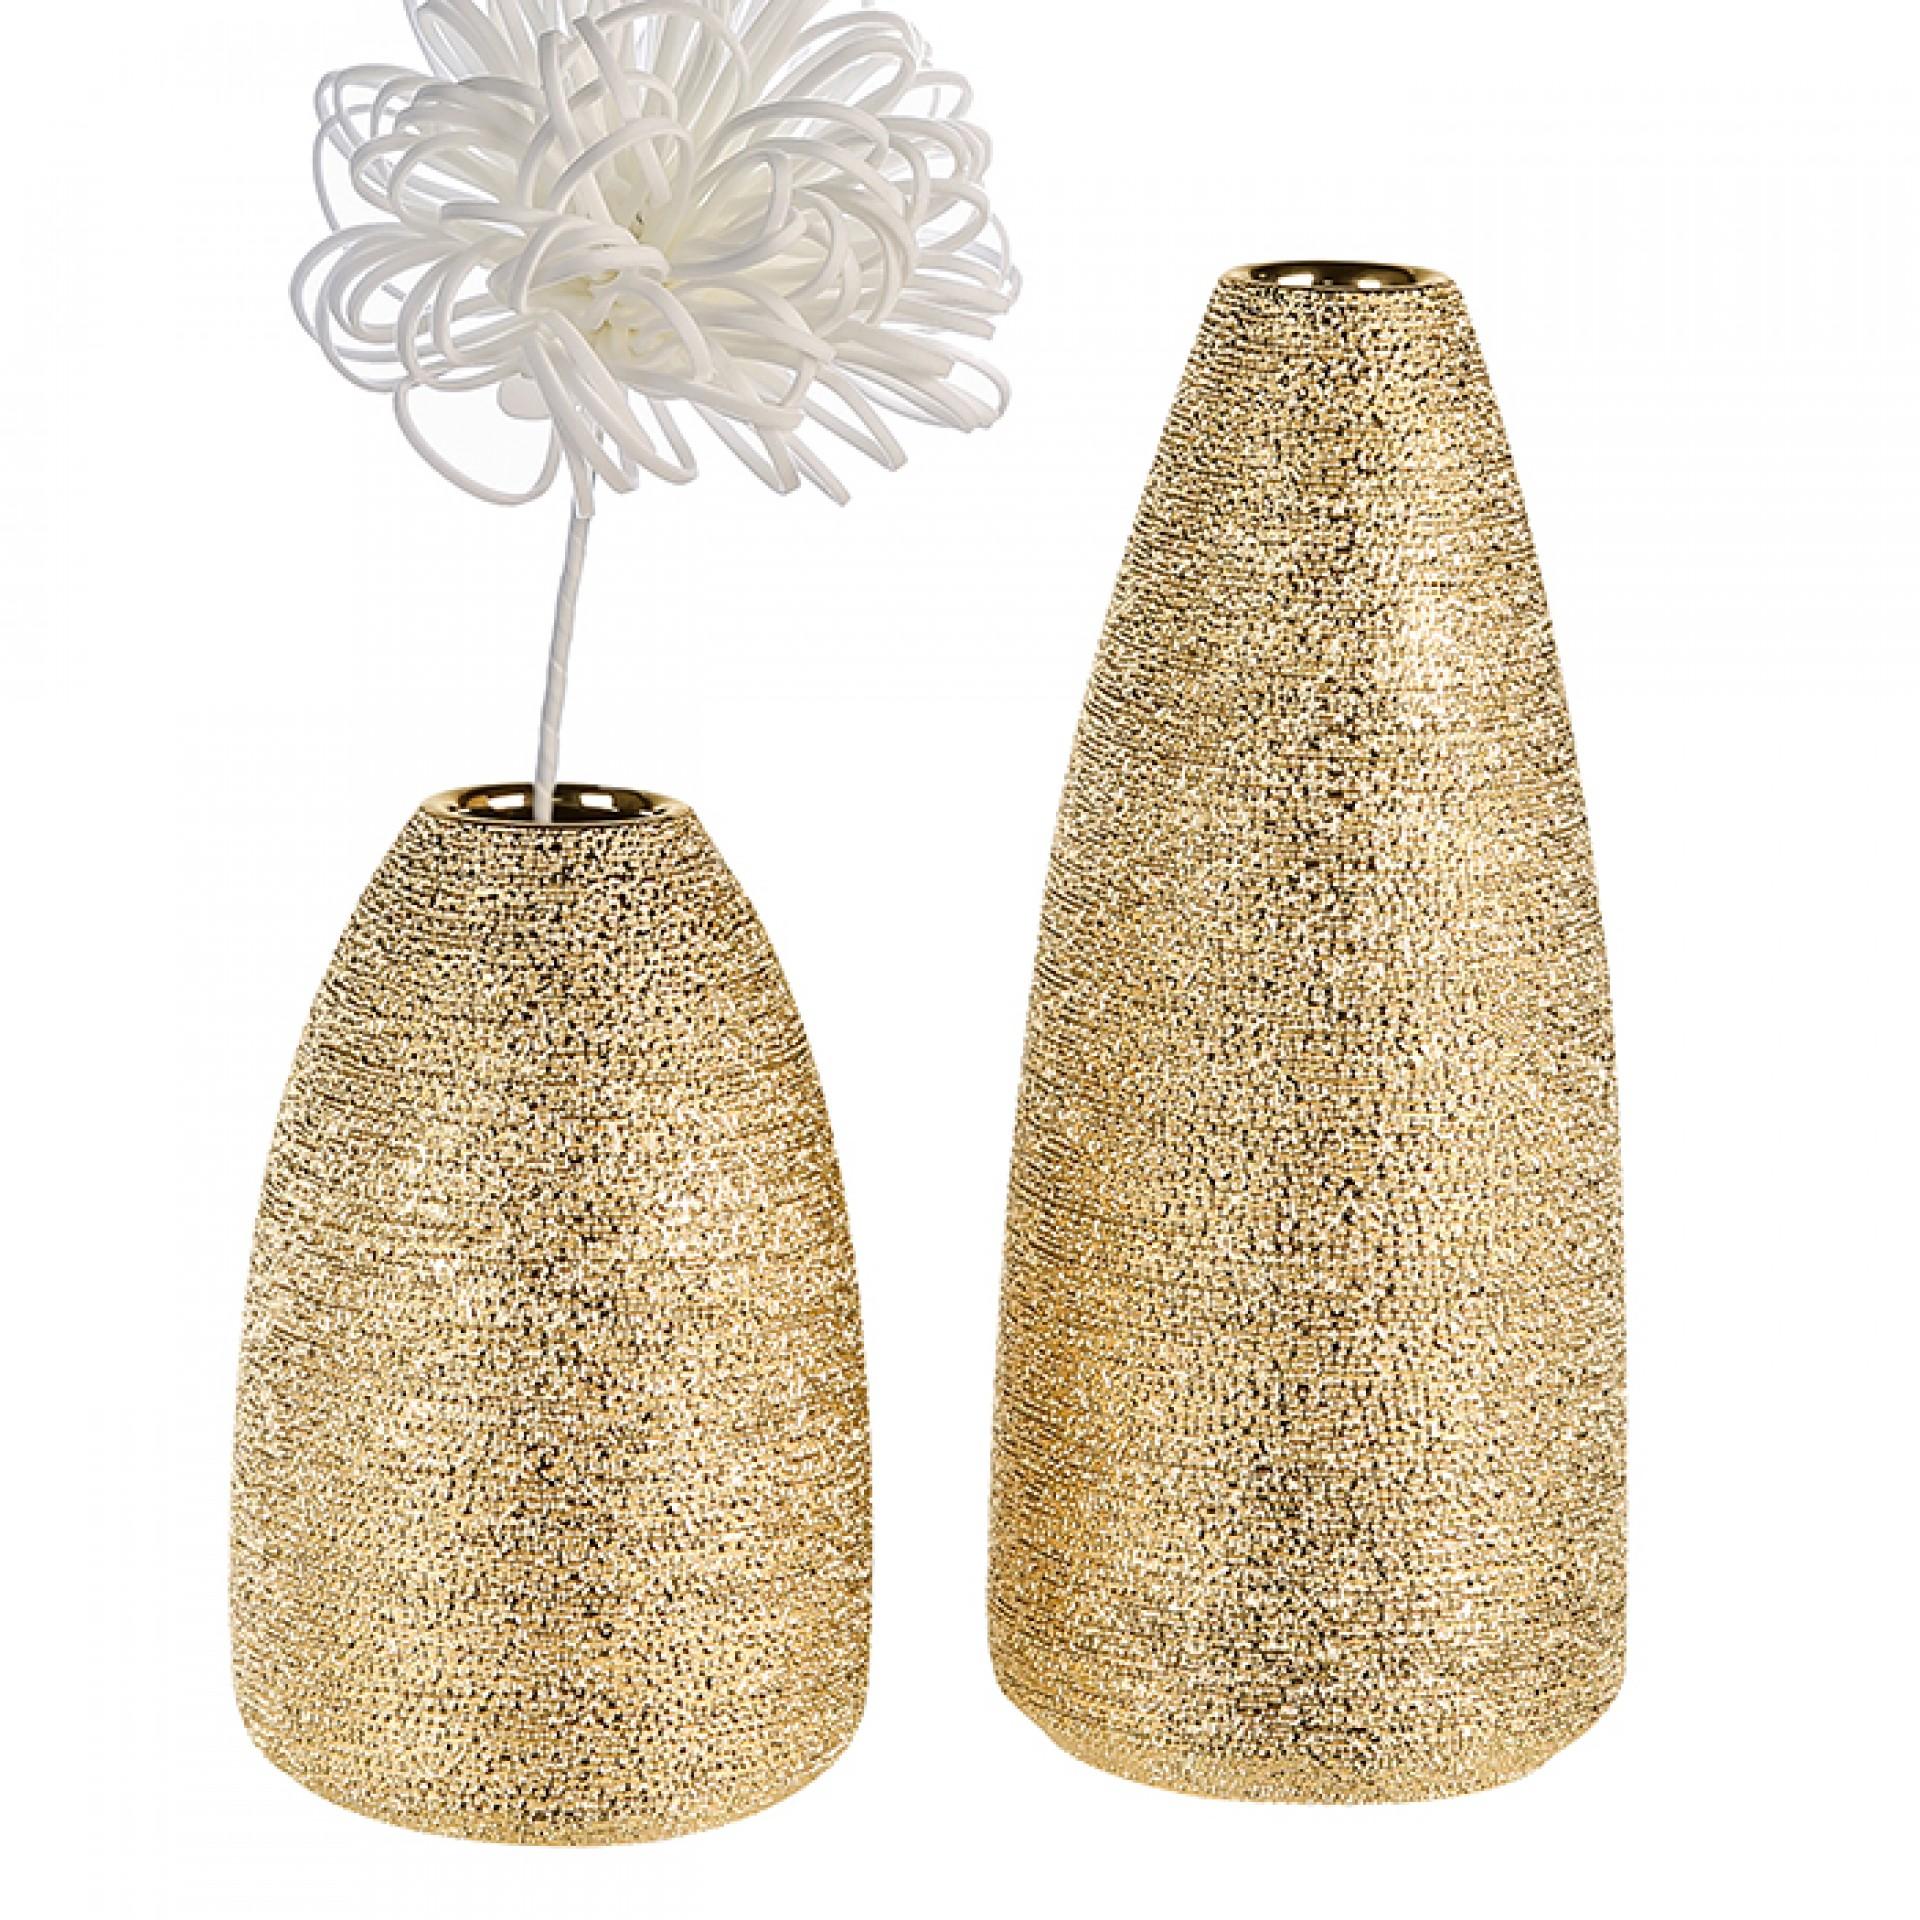 Keramická váza Miro, 20 cm, zlatá